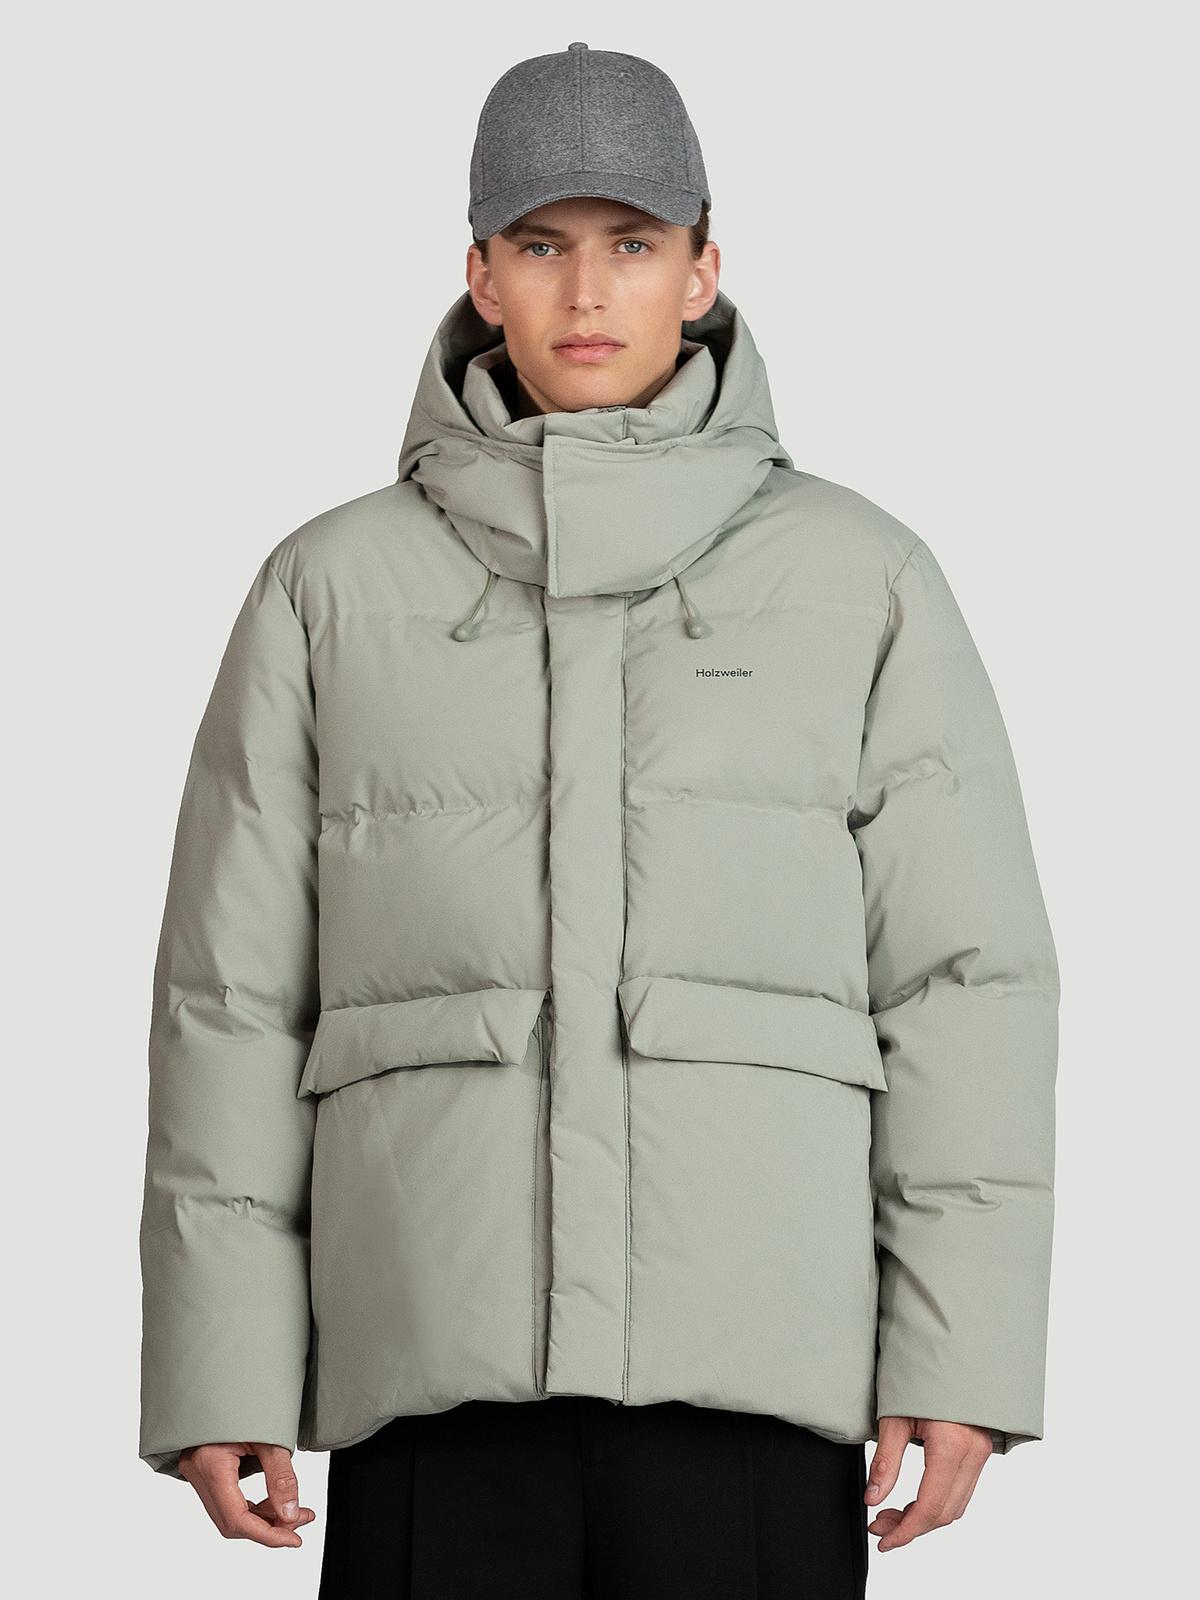 Holzweiler Wool Caps  Grey 2